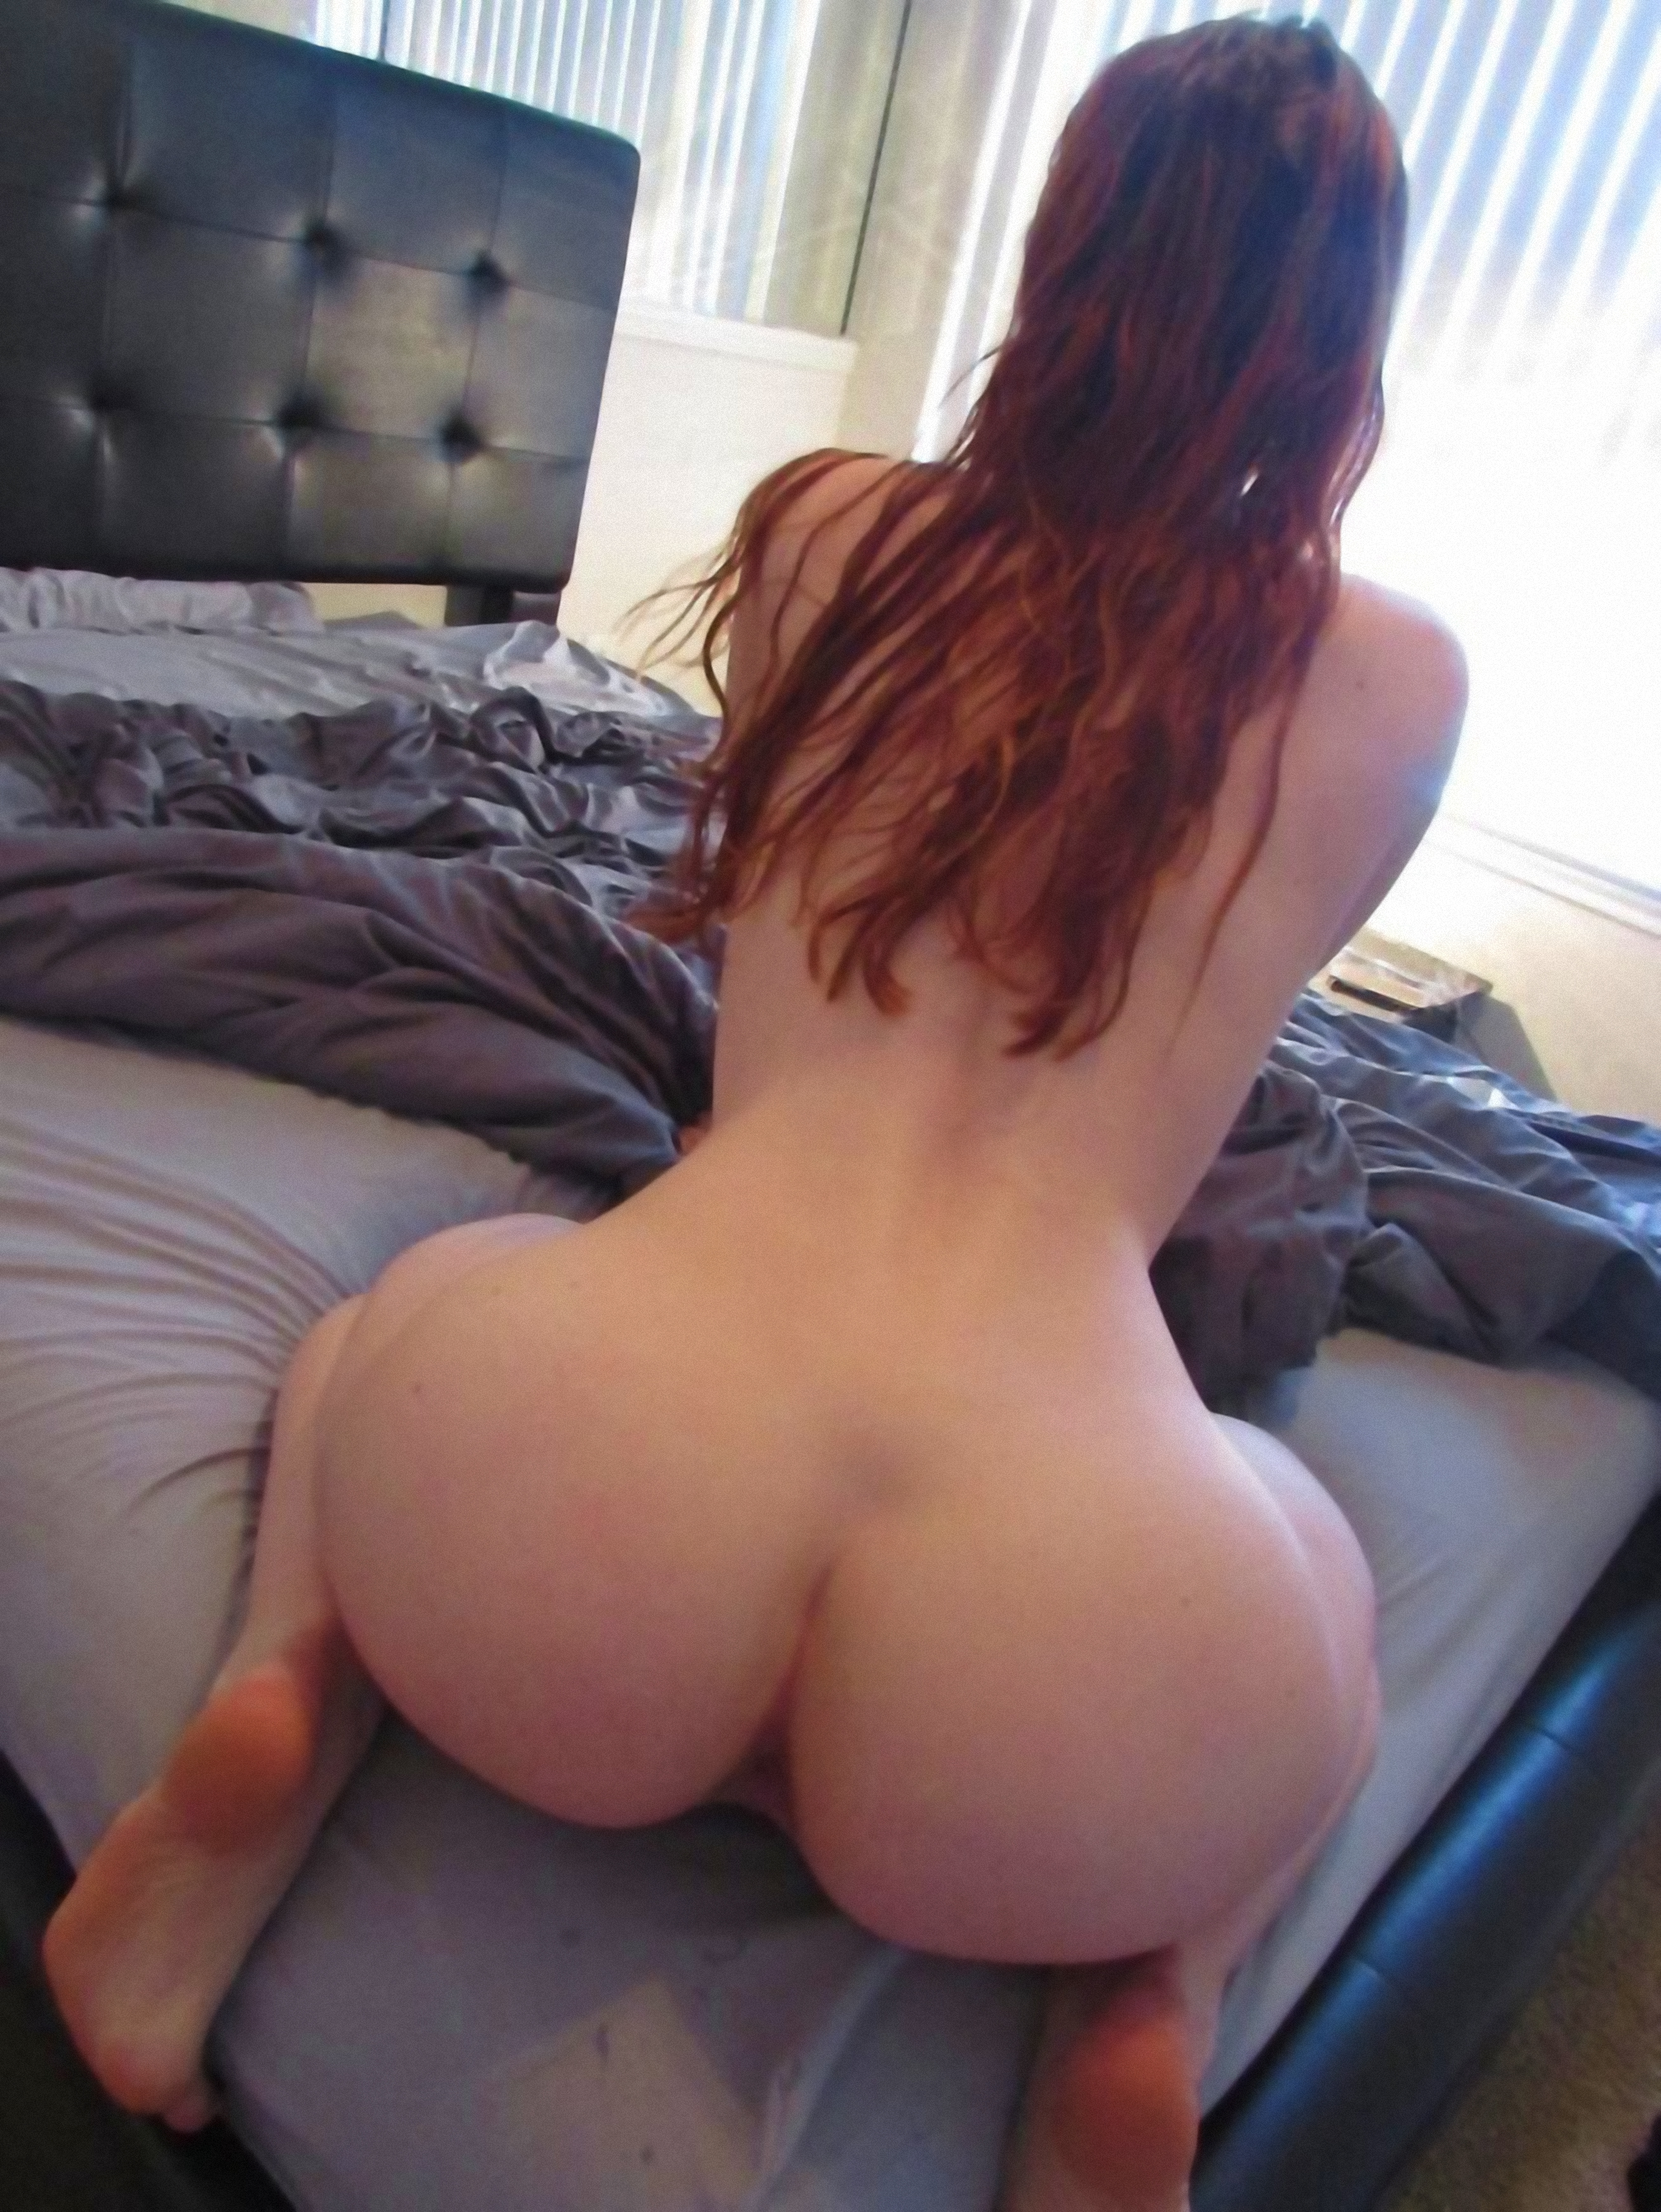 Porn nice ass